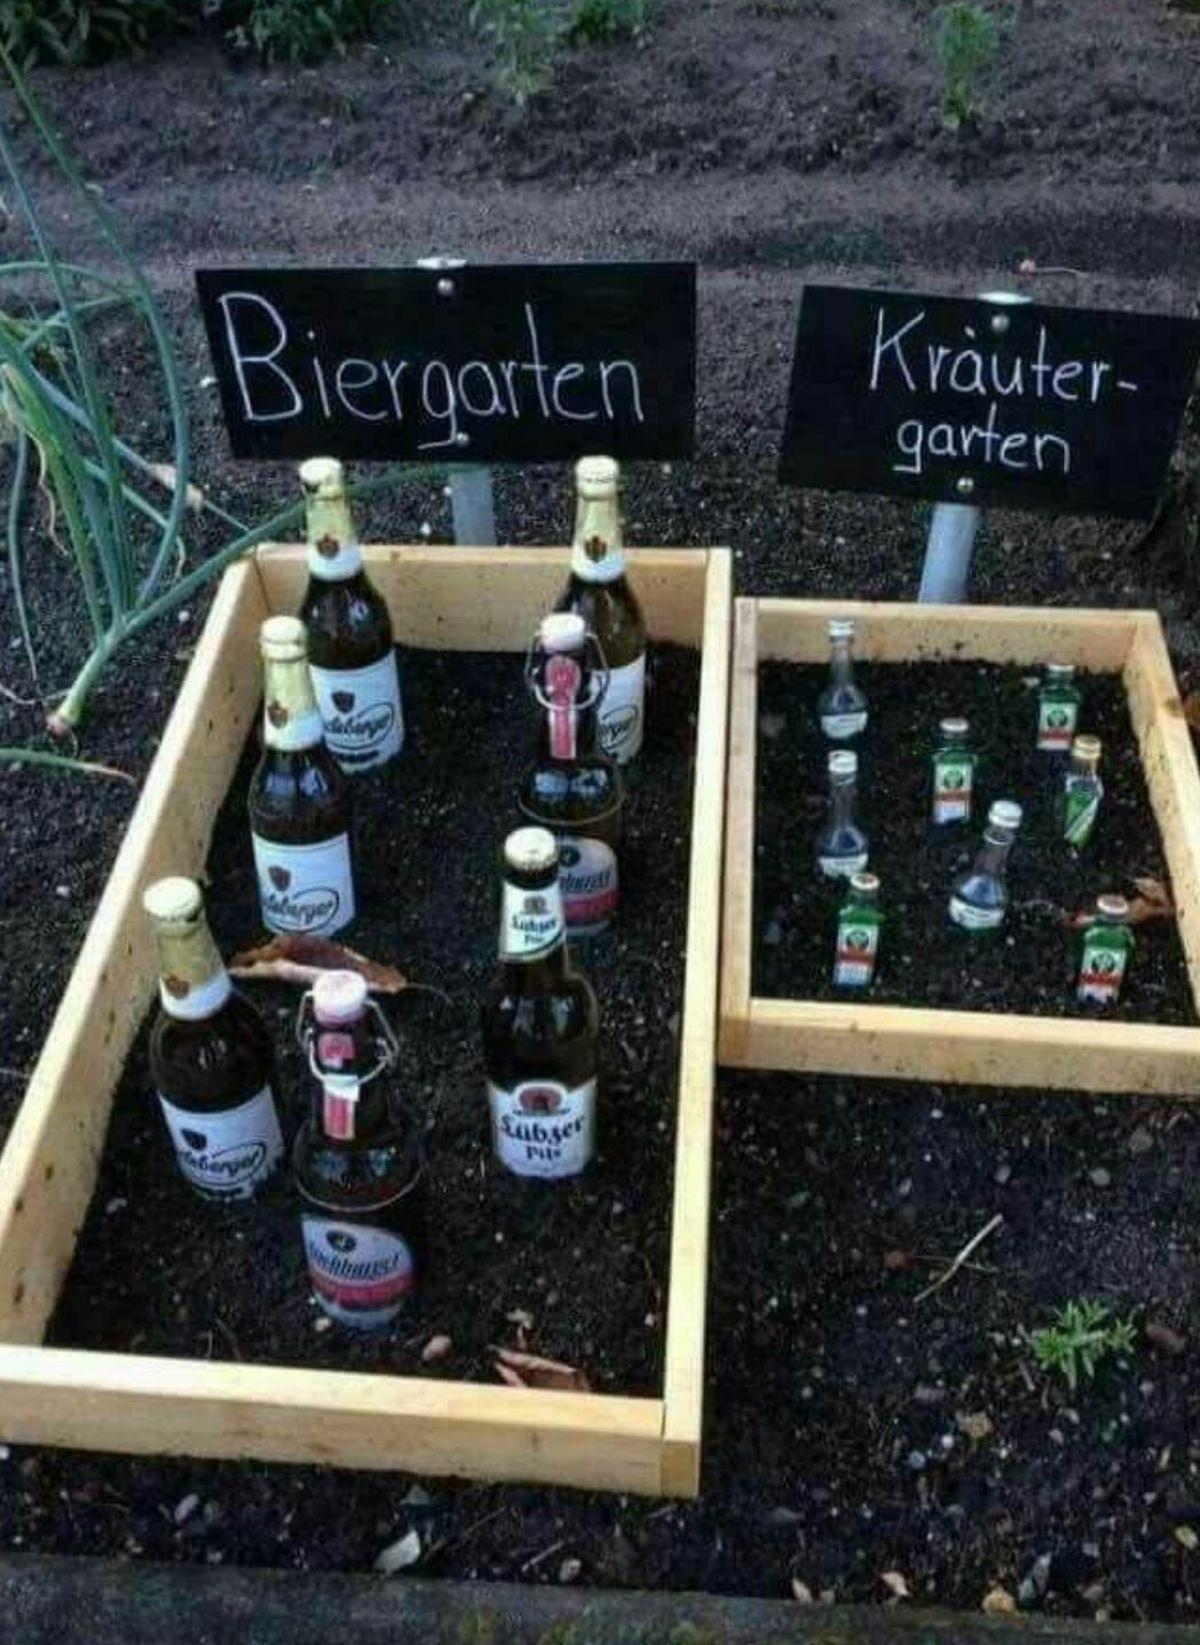 Ein Bier- und Kräutergarten | Was is hier eigentlich los